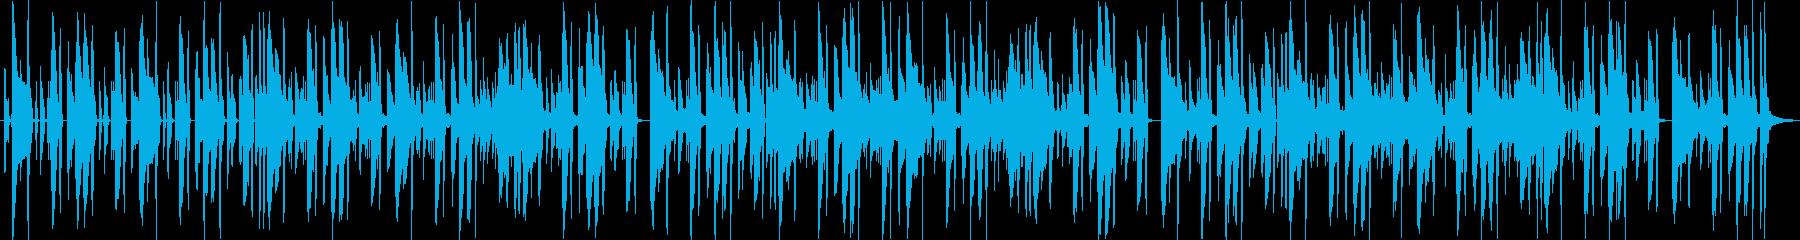 ベースラインが効いてるファンクの再生済みの波形